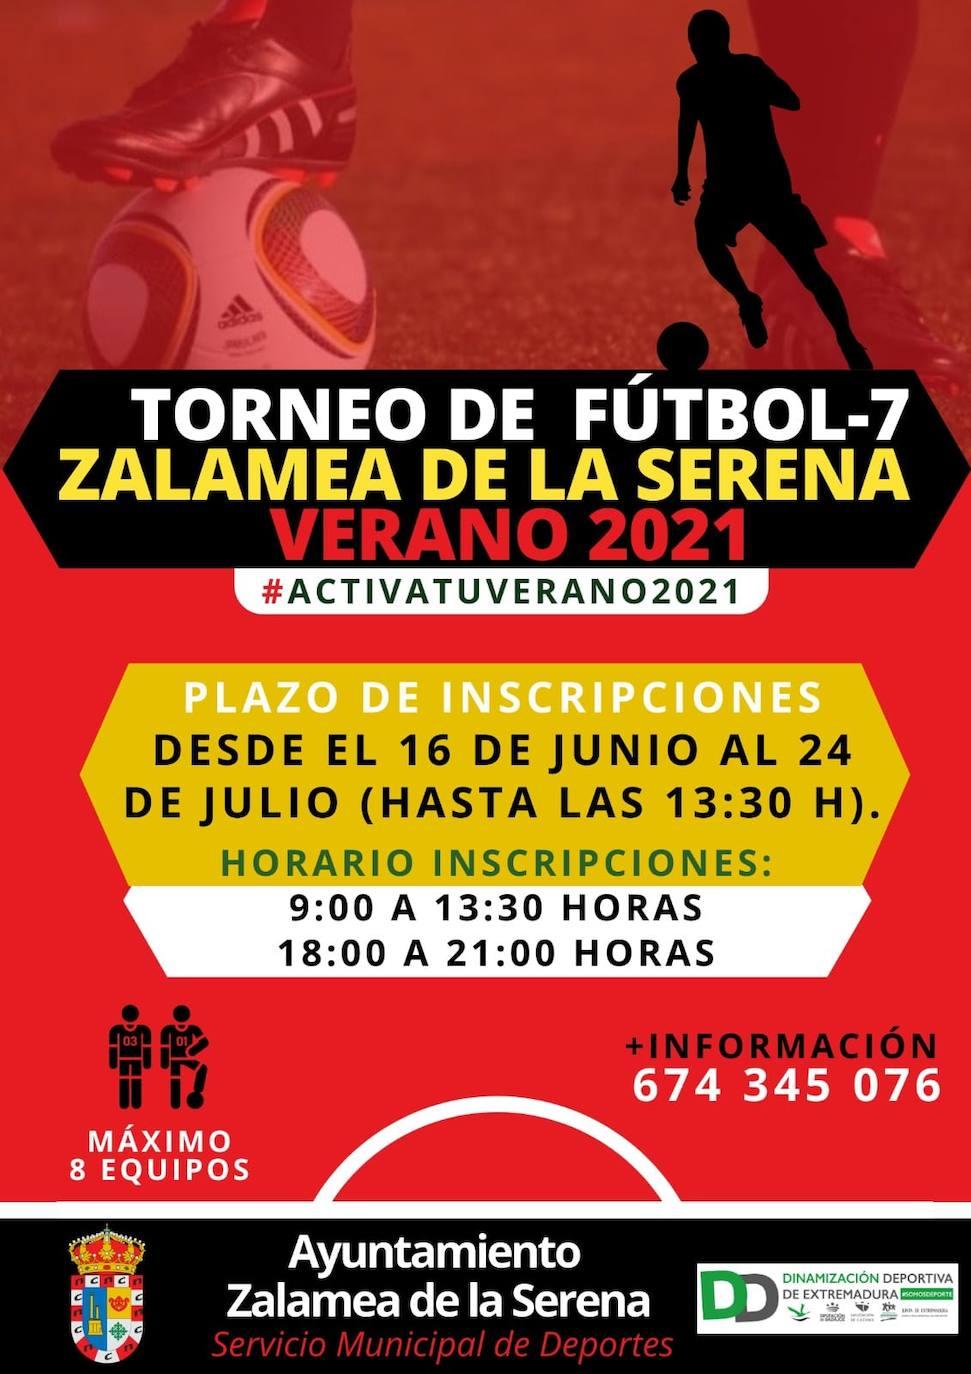 Abierto el plazo de inscripción para participar en el torneo local de Fútbol-7